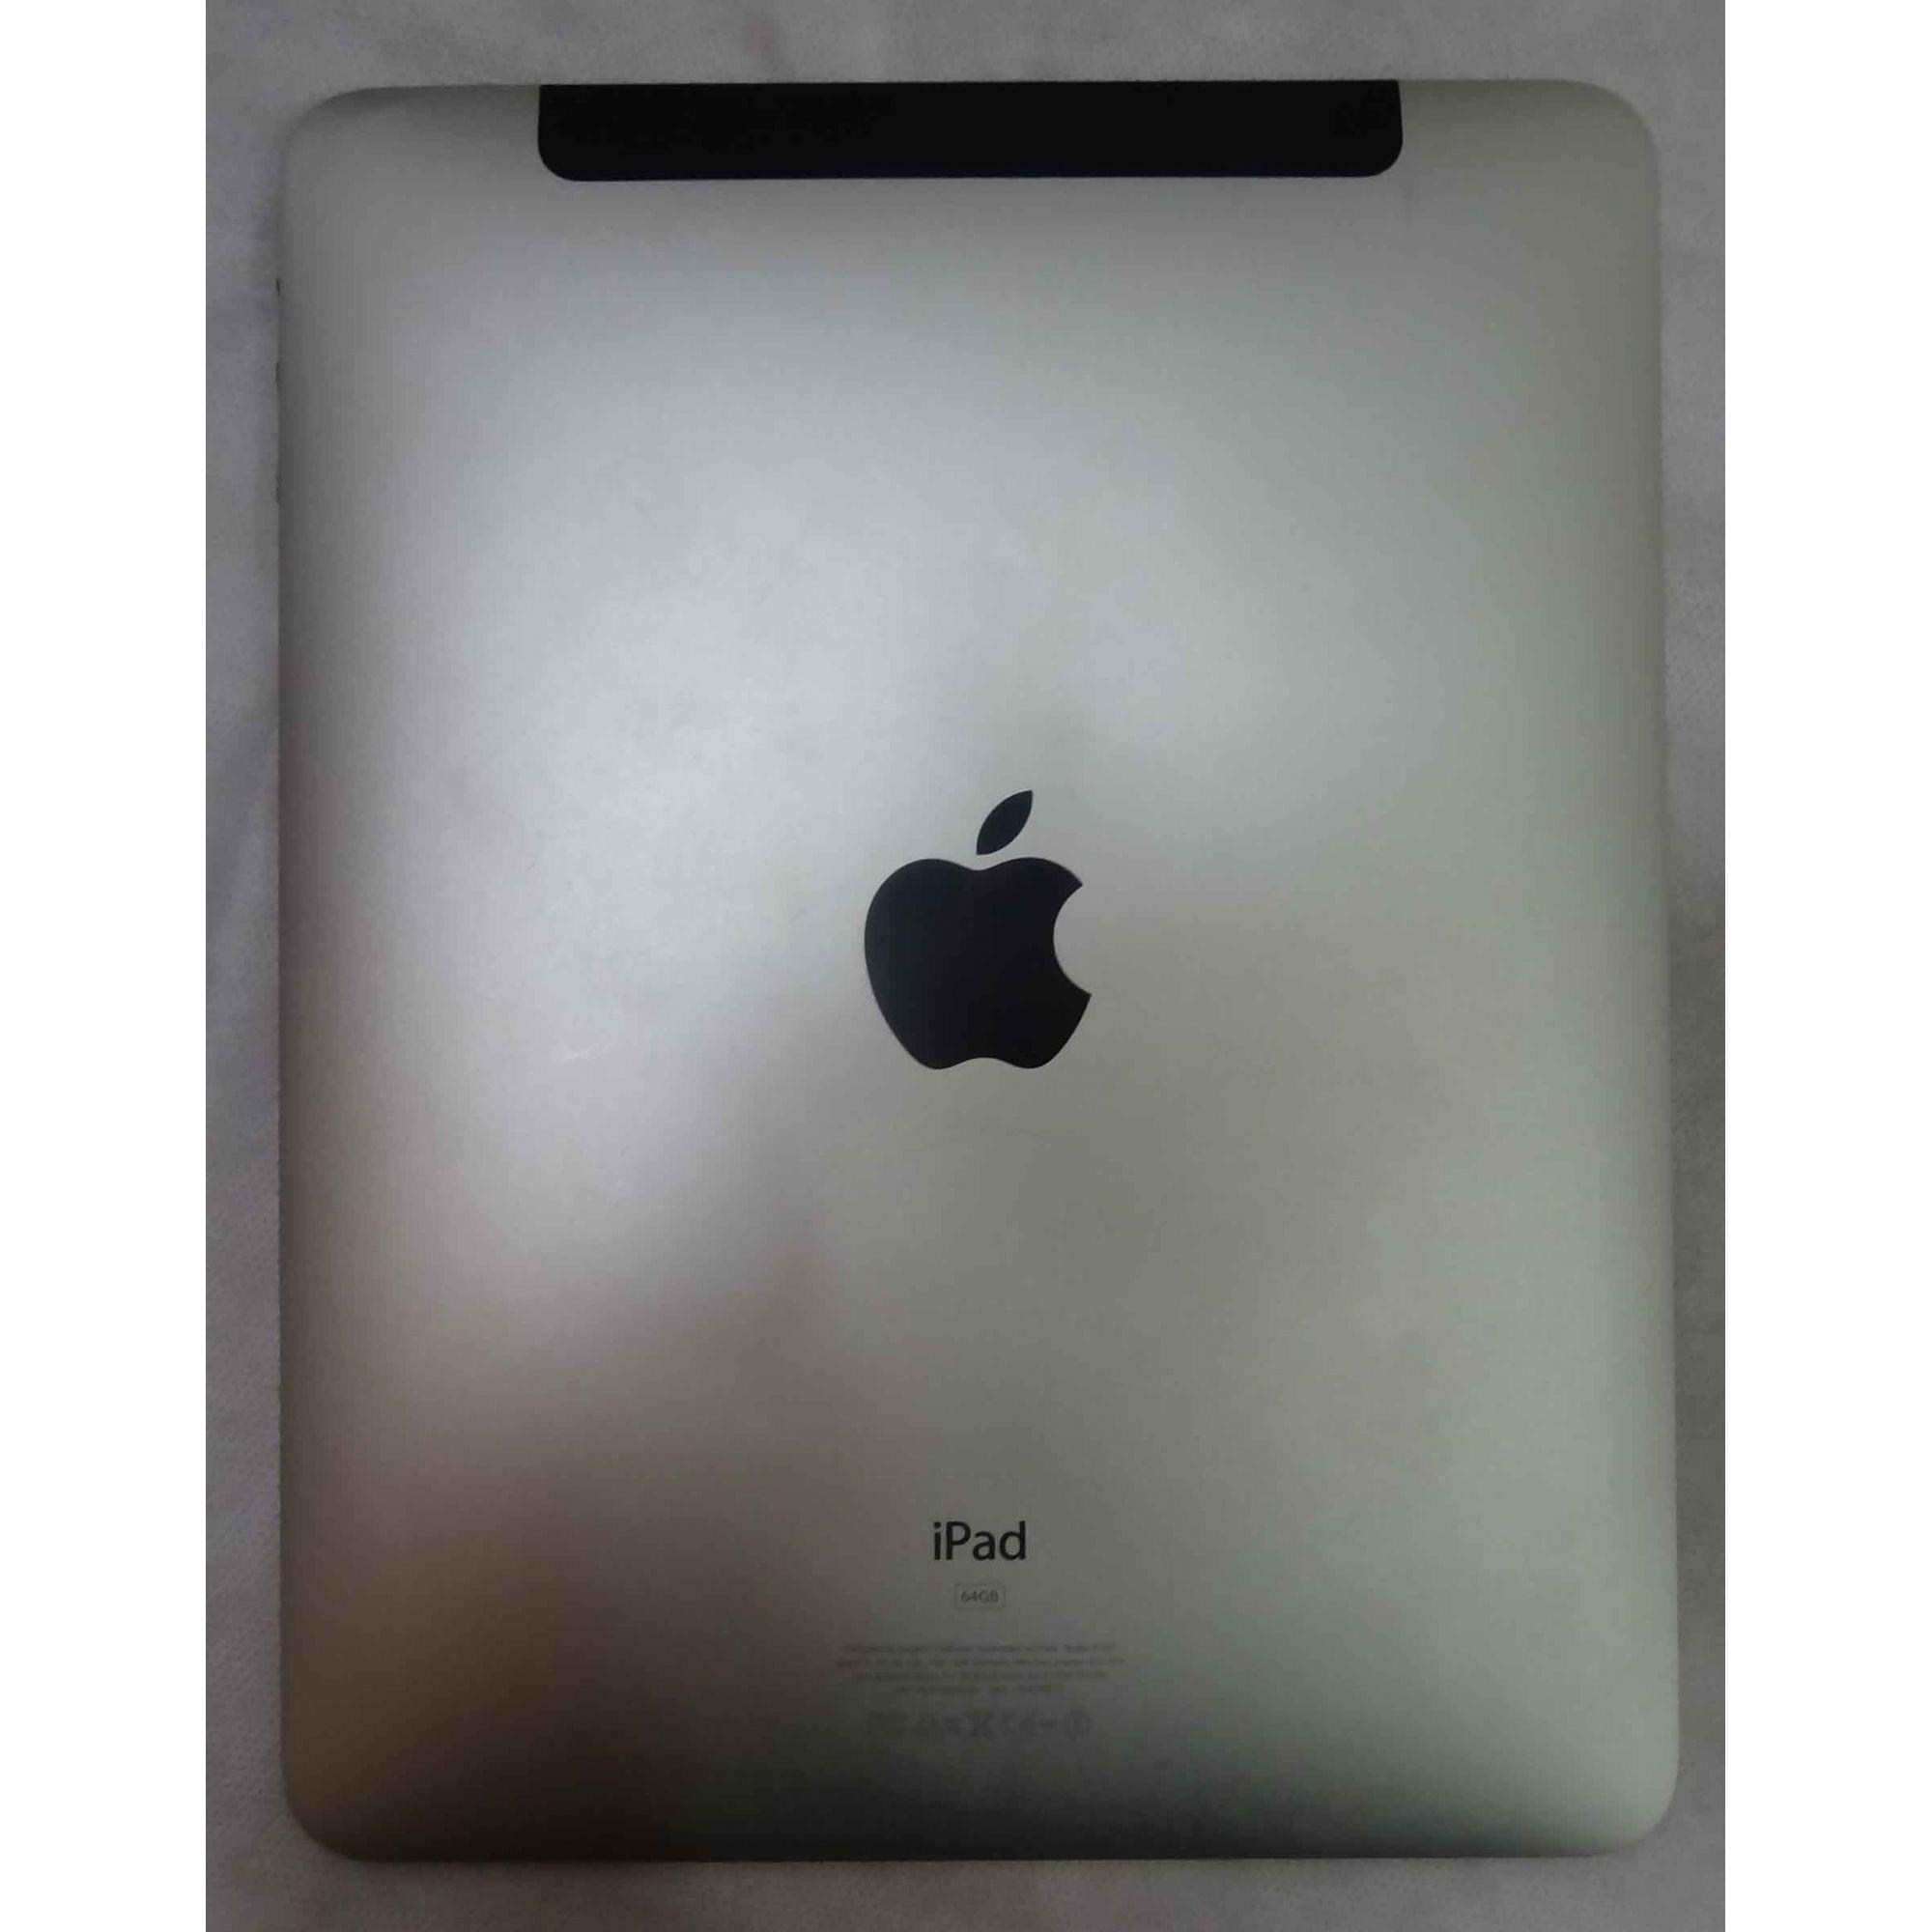 iPad (Primeira Geração) MC497LL/A 64GB, Wifi + 3G